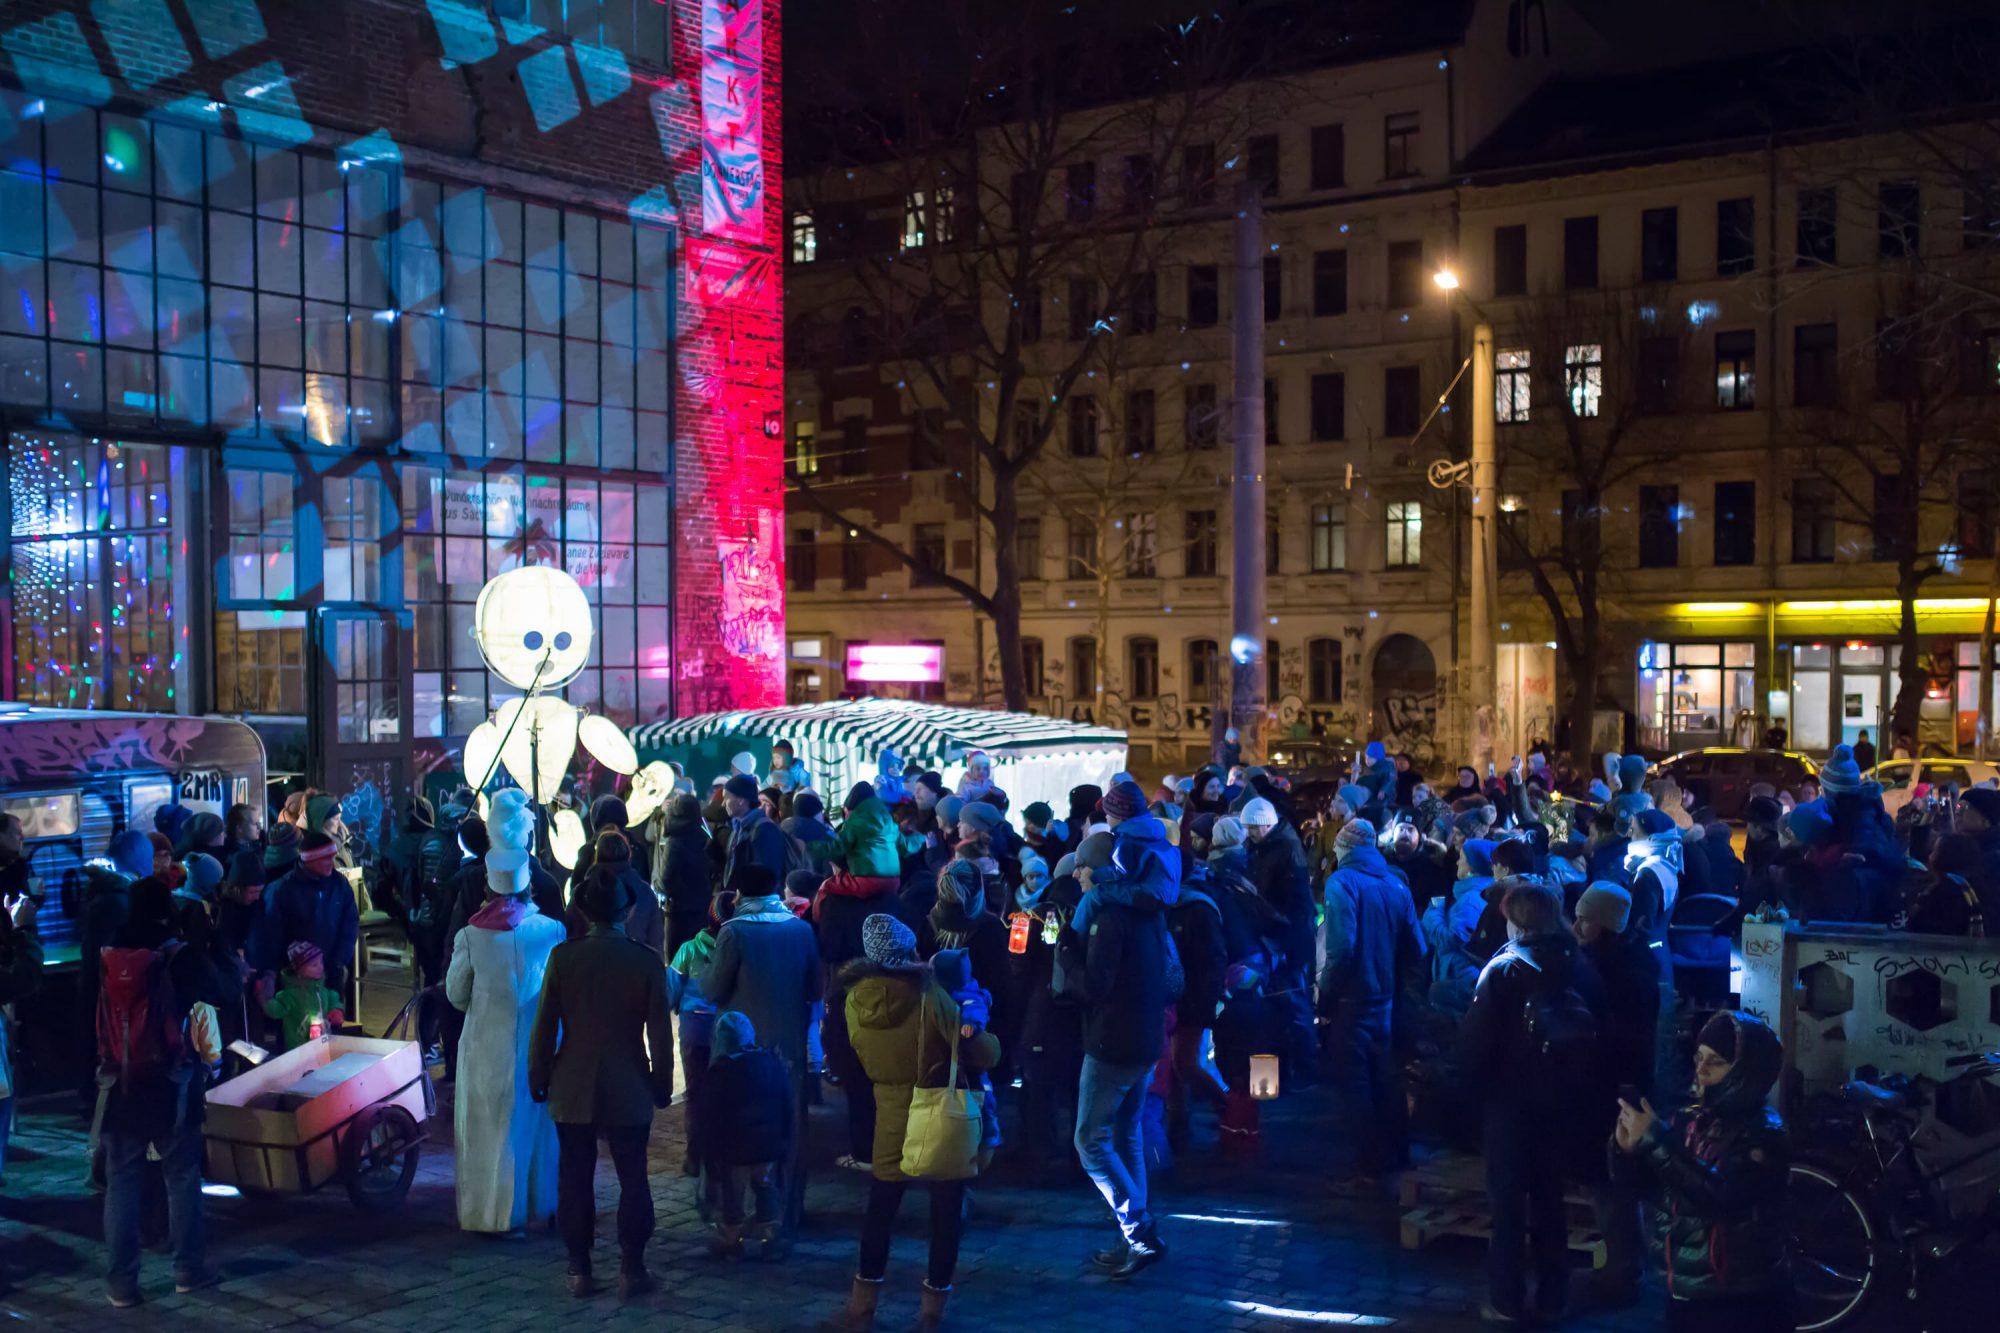 Regentaucher Fotografie | Lichtfest Leipzig